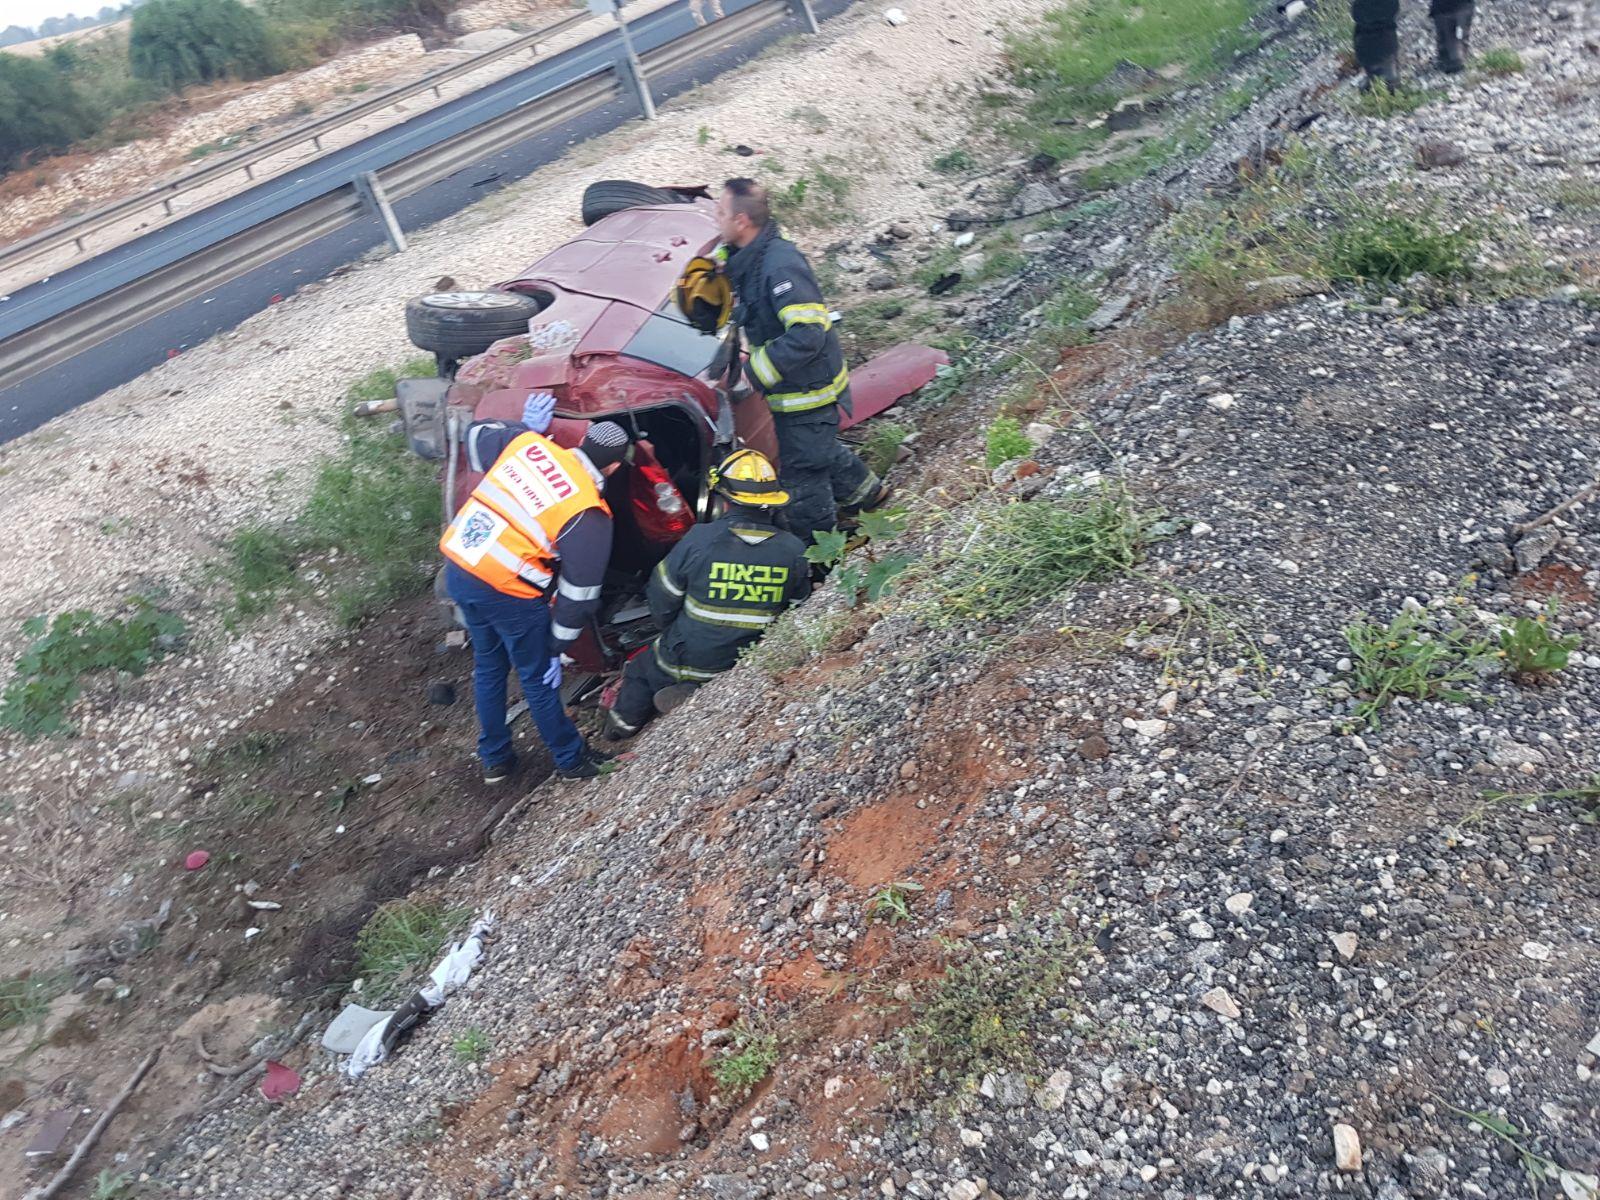 התאונה הקטלנית: נהג הרכב היה ללא רישיון בתוקף